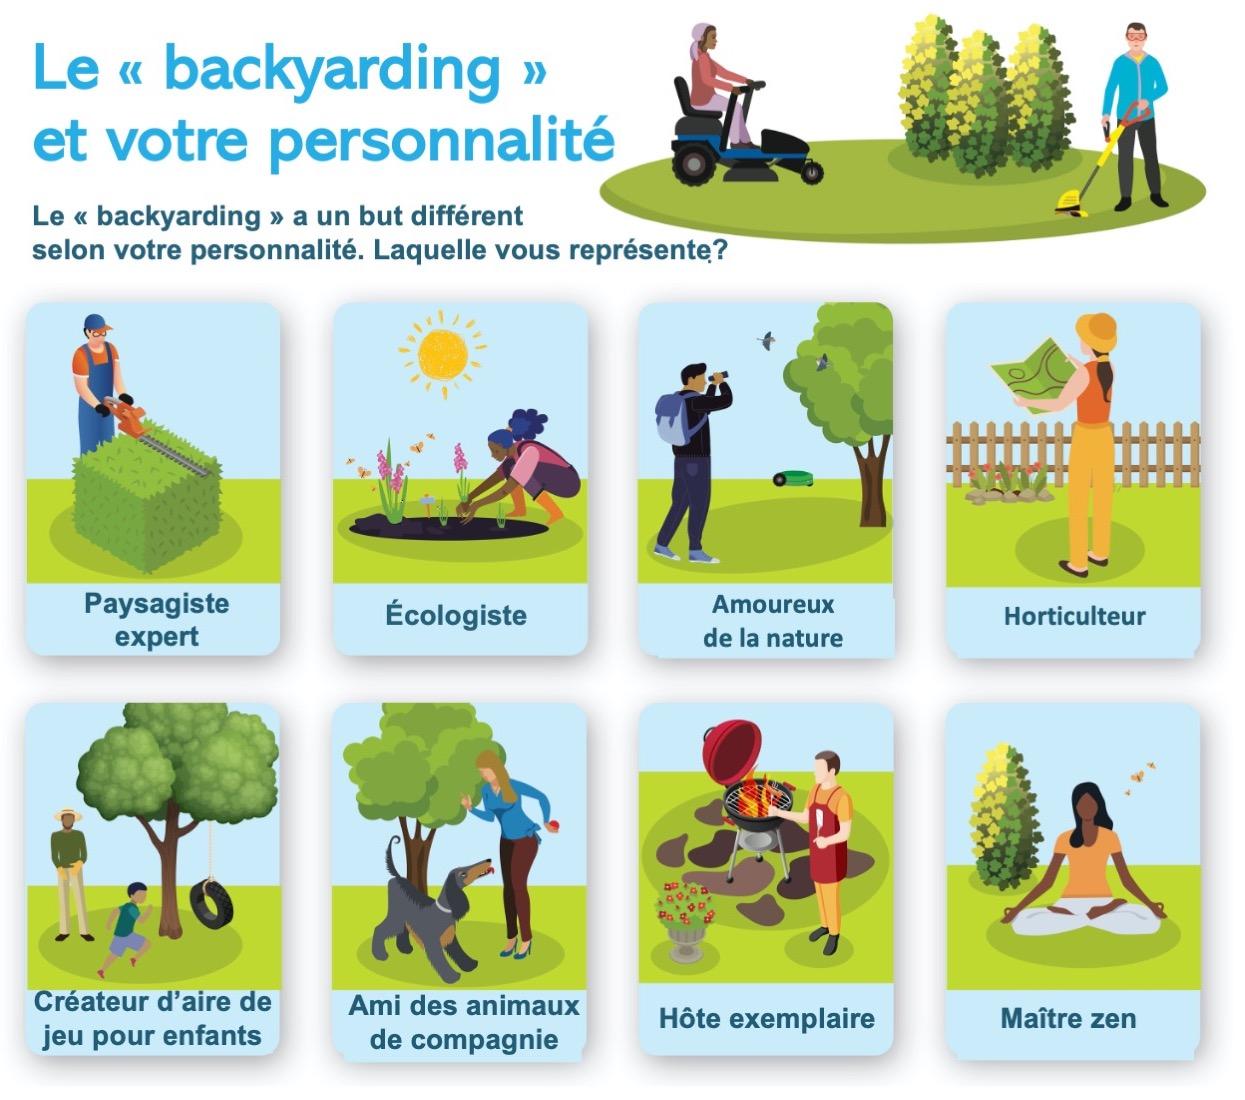 Infographie montrant les différents types de personnalité du jardinier